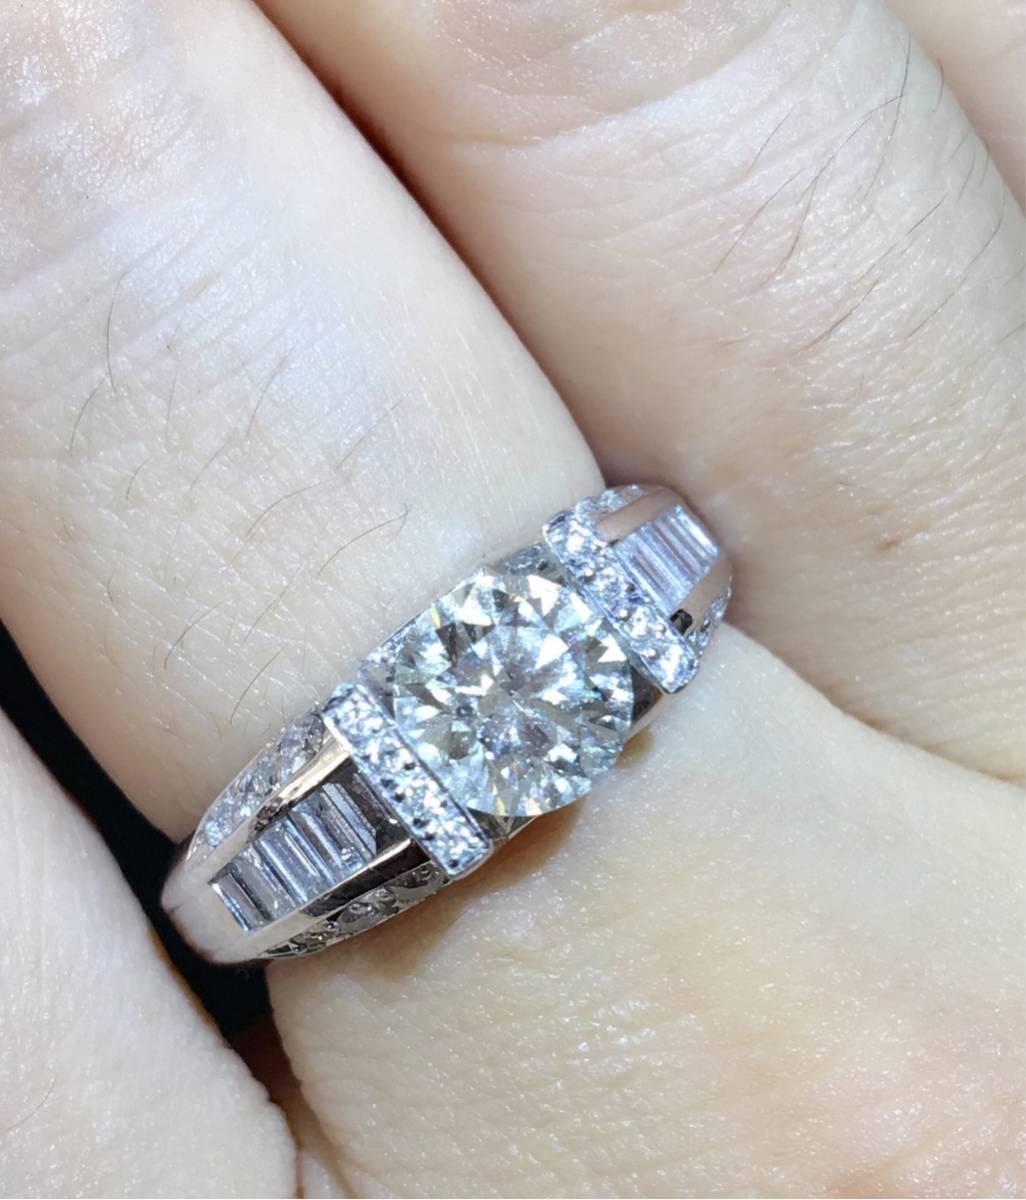 ダイヤモンド 綺麗 結婚 指輪 アクセサリー GIA鑑定書付き_画像2